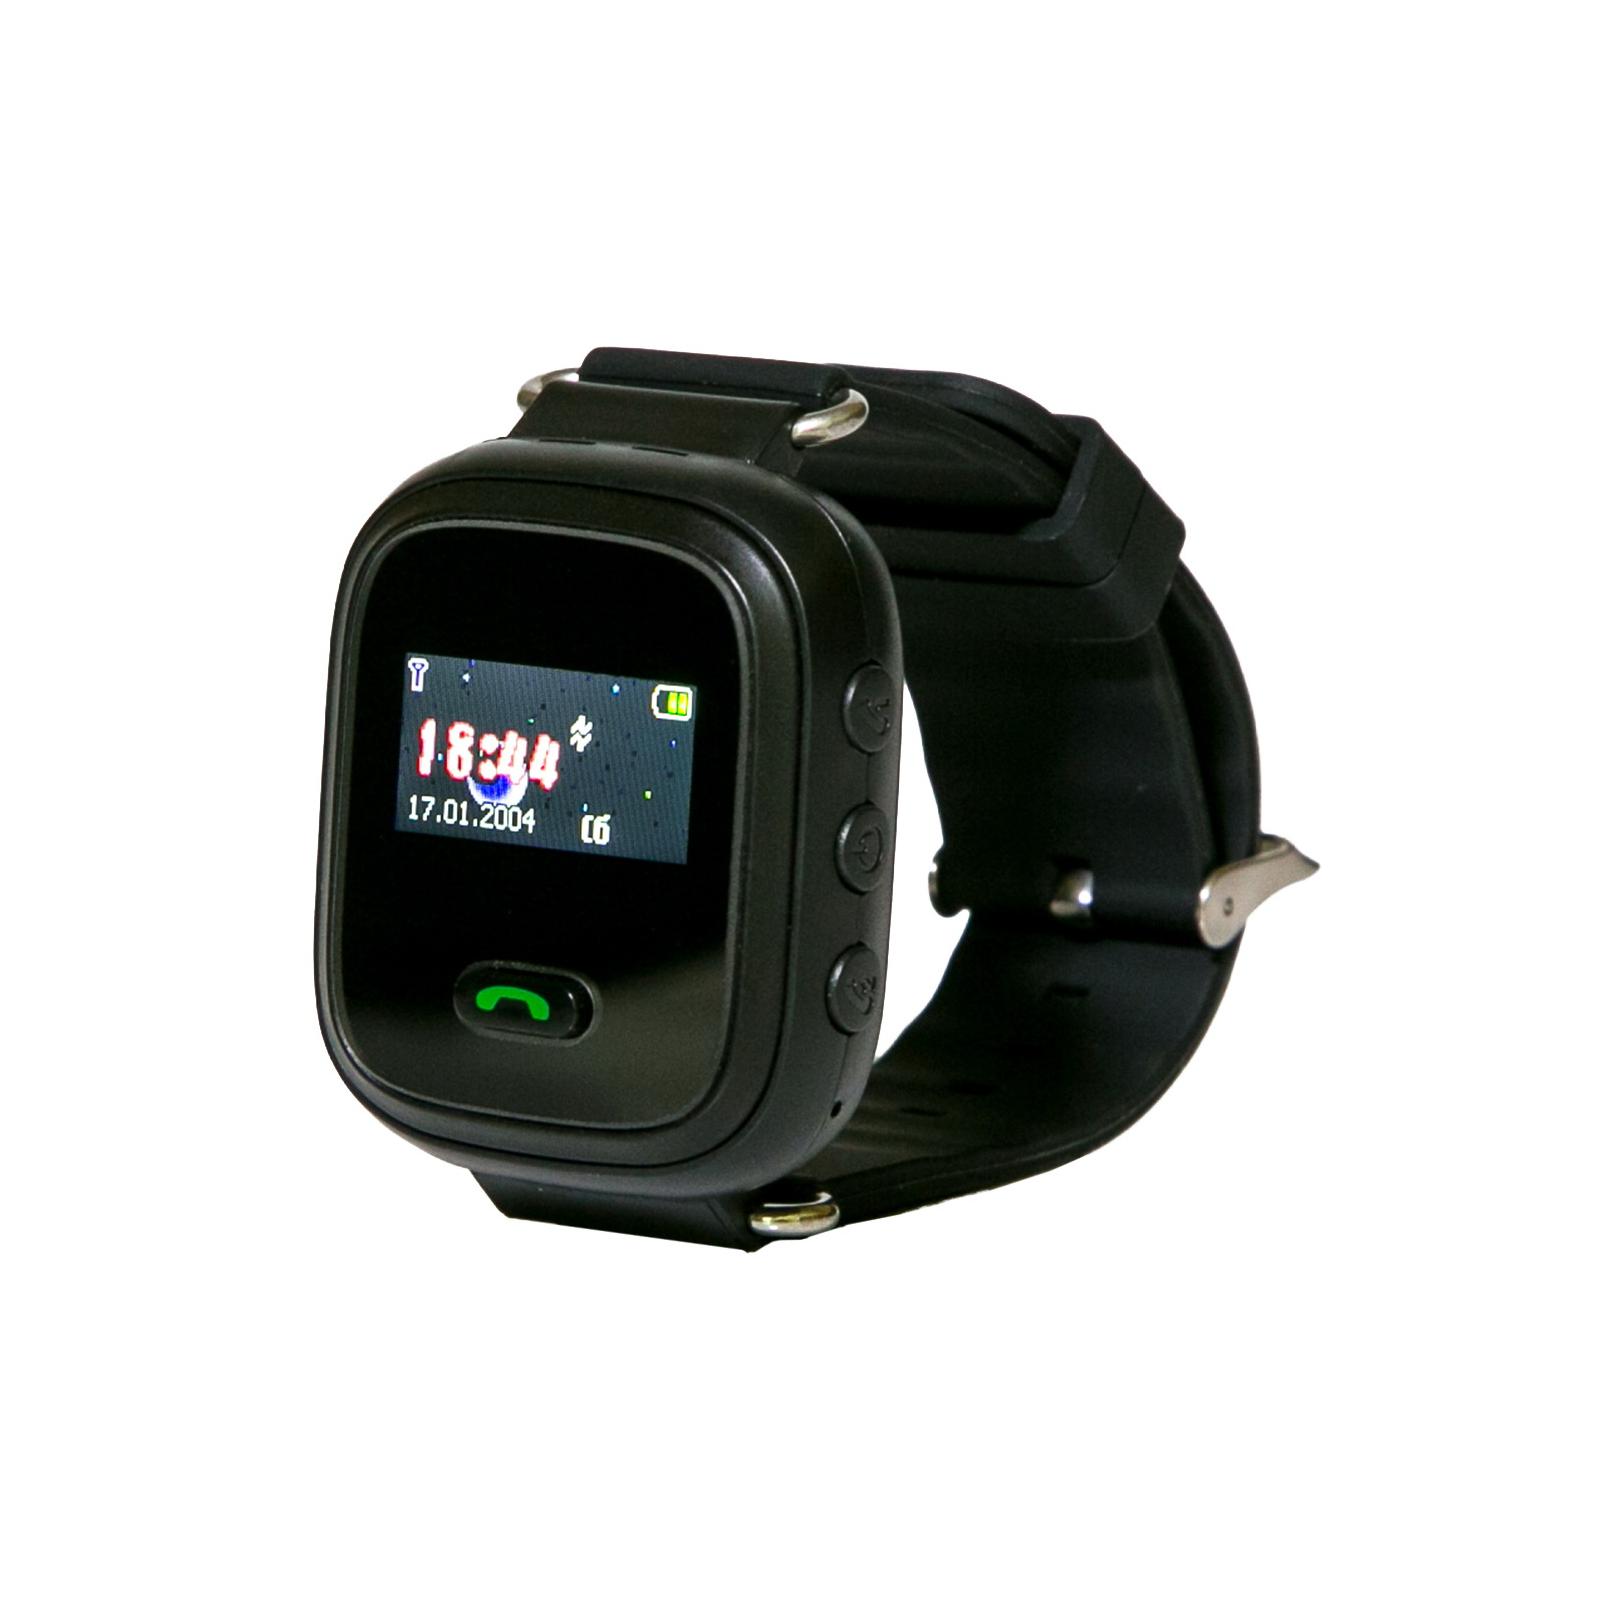 Смарт-часы GoGPS ME K11 Черные (K11BK) цены в Киеве и Украине ... ae523c0f2fb59